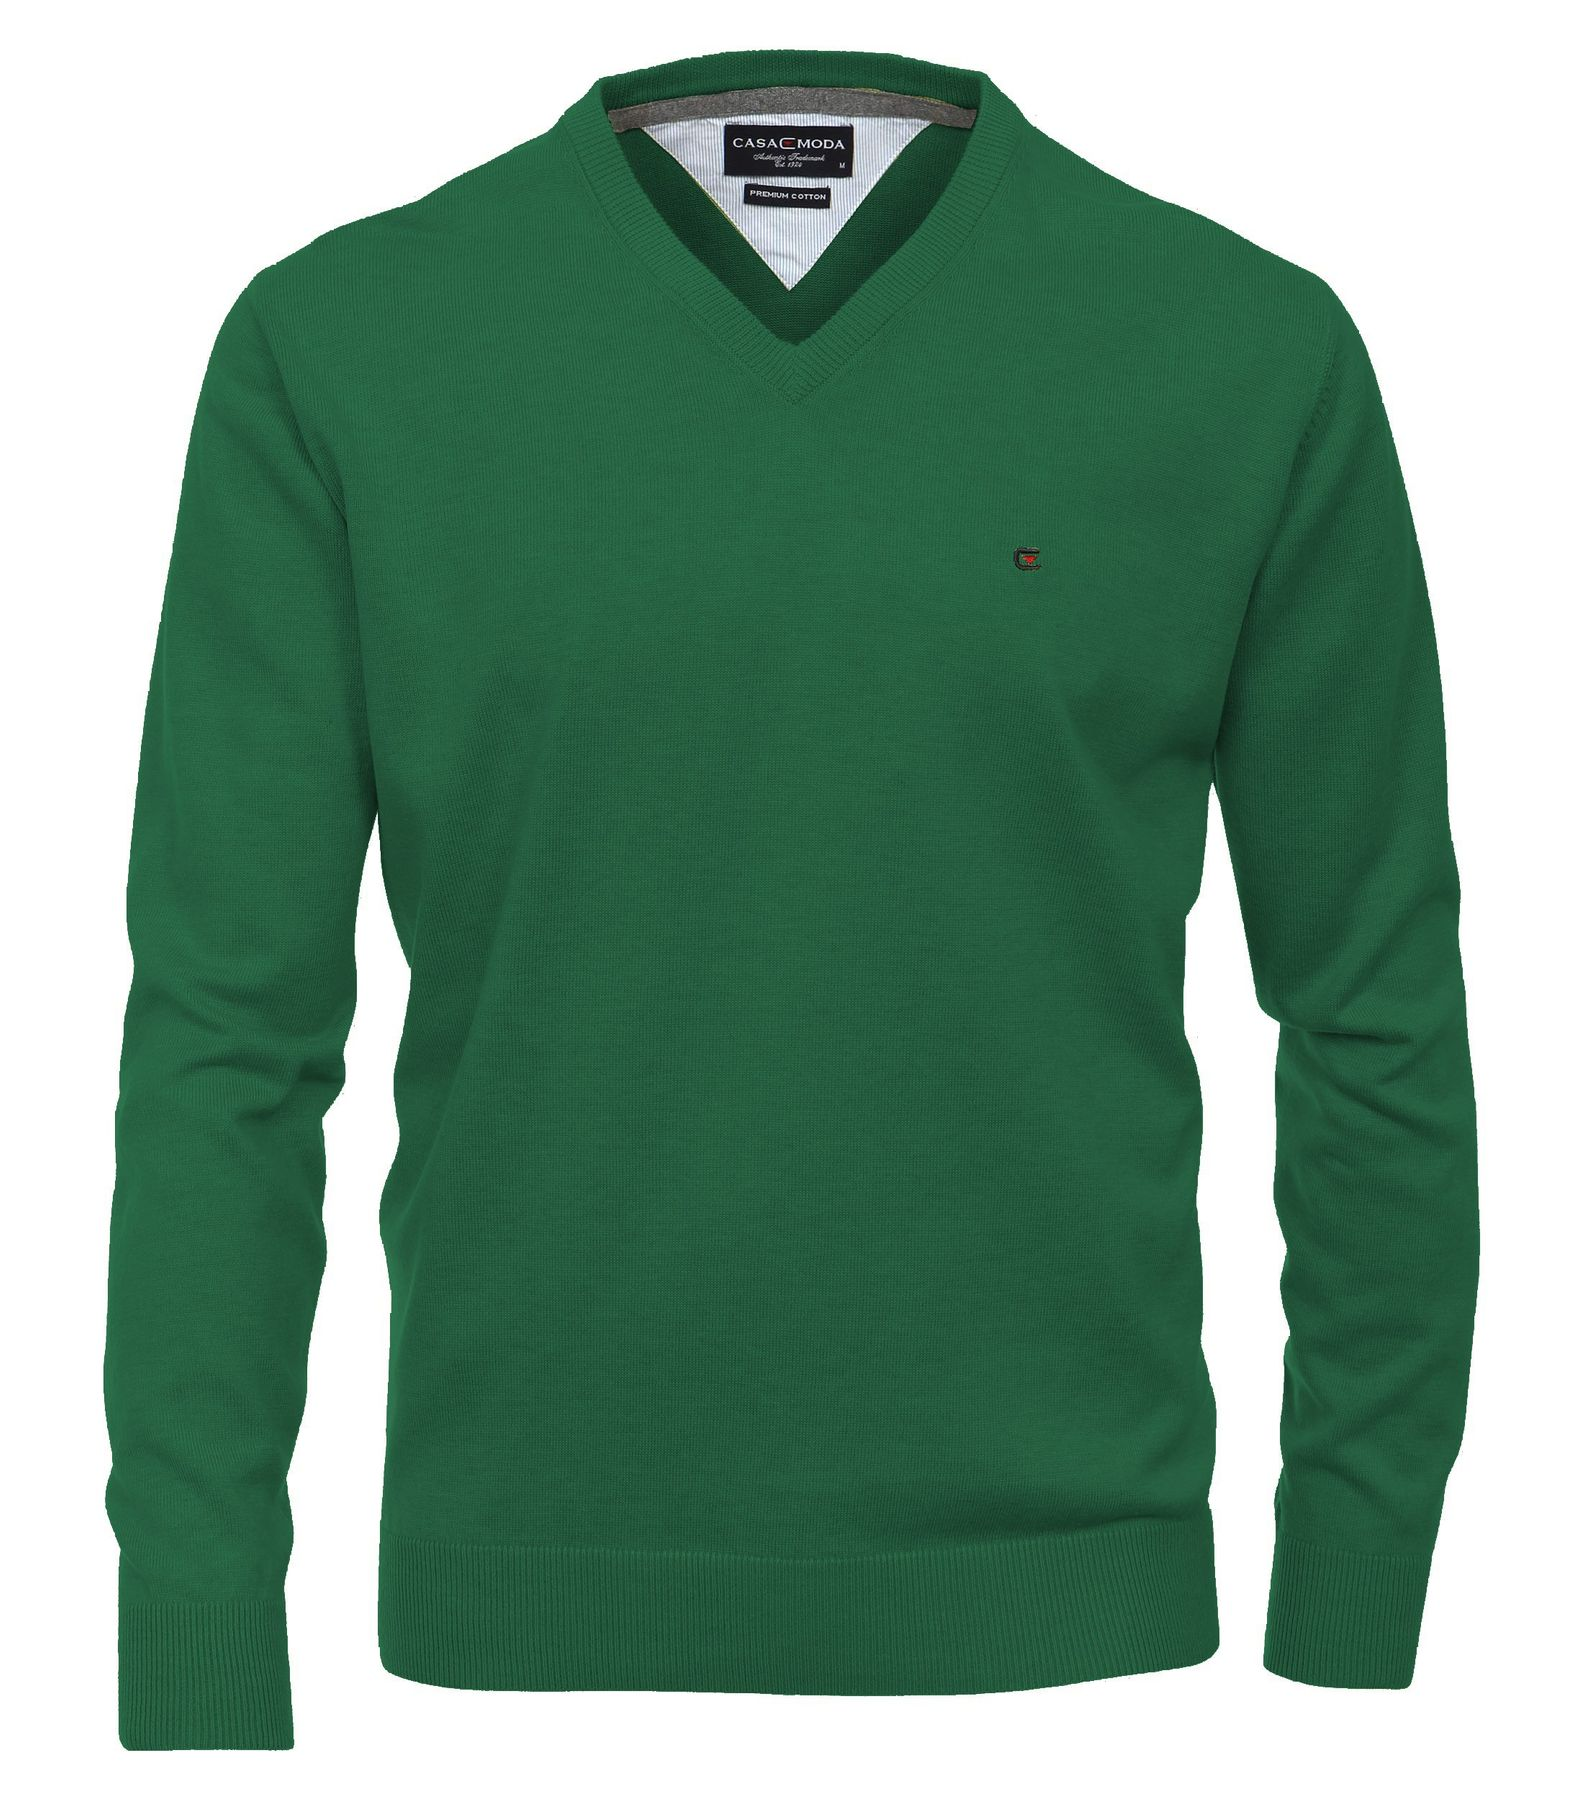 Casa Moda - Herren Pullover mit V-Ausschnitt in verschiedenen Farben (004130A) – Bild 4